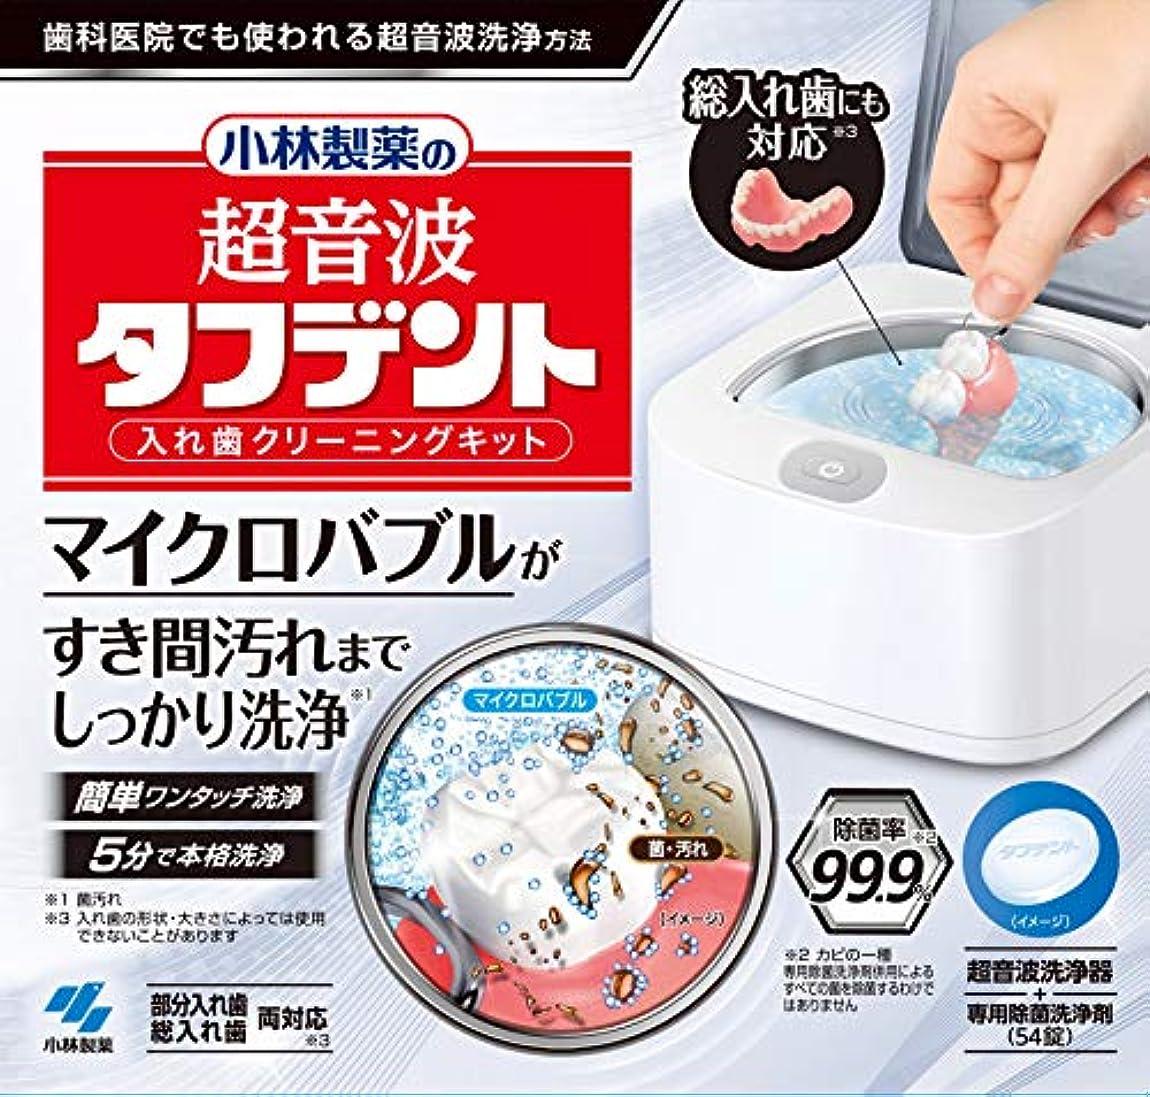 ランク遵守するカフェテリア小林製薬 義歯洗浄剤 超音波タフデント入れ歯クリーニングキット 本体